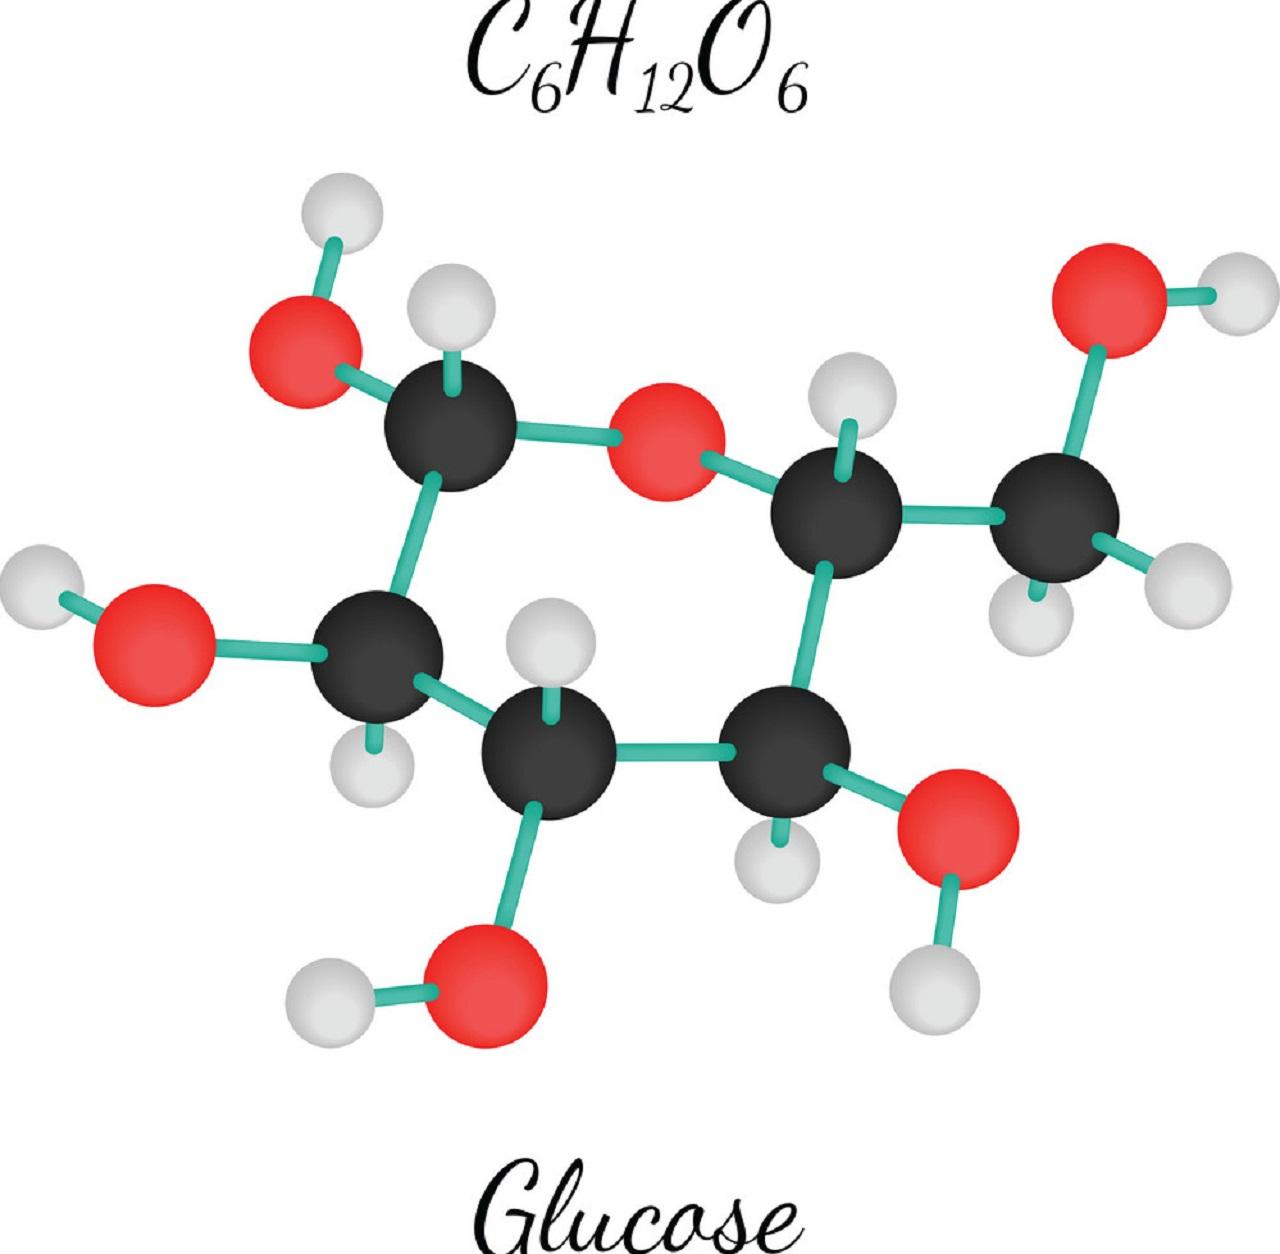 گلوکز چیست؟ — به زبان ساده